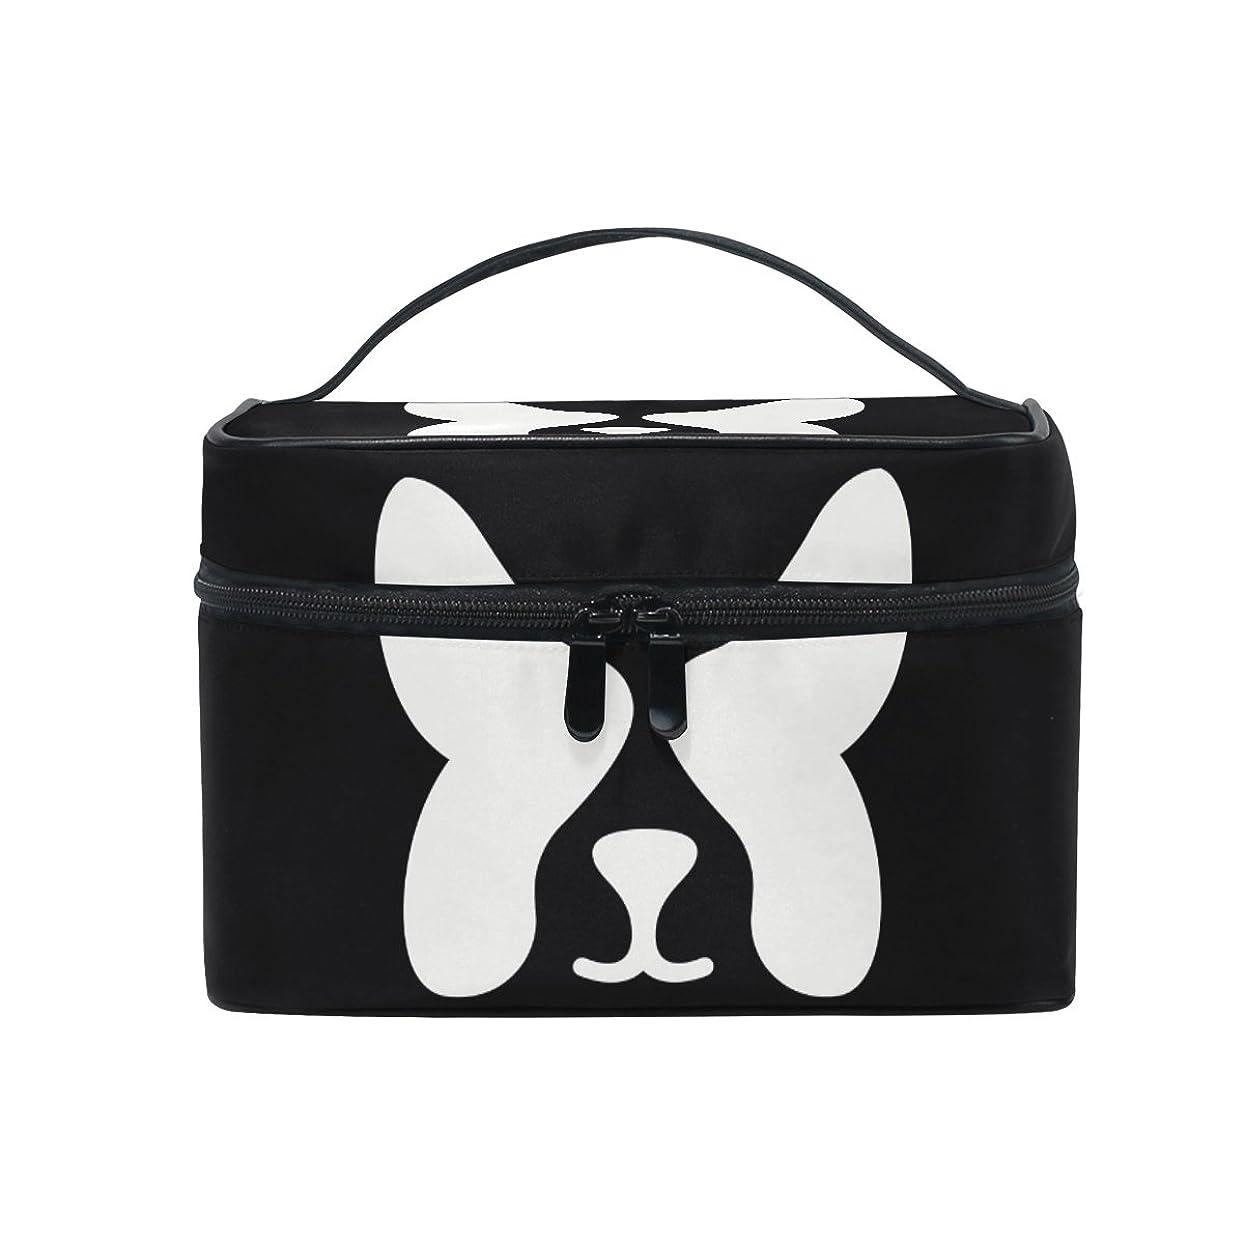 可能にするアラバマガラスALAZA 化粧ポーチ 犬柄 いぬ柄 化粧 メイクボックス 収納用品 ブラック 大きめ かわいい